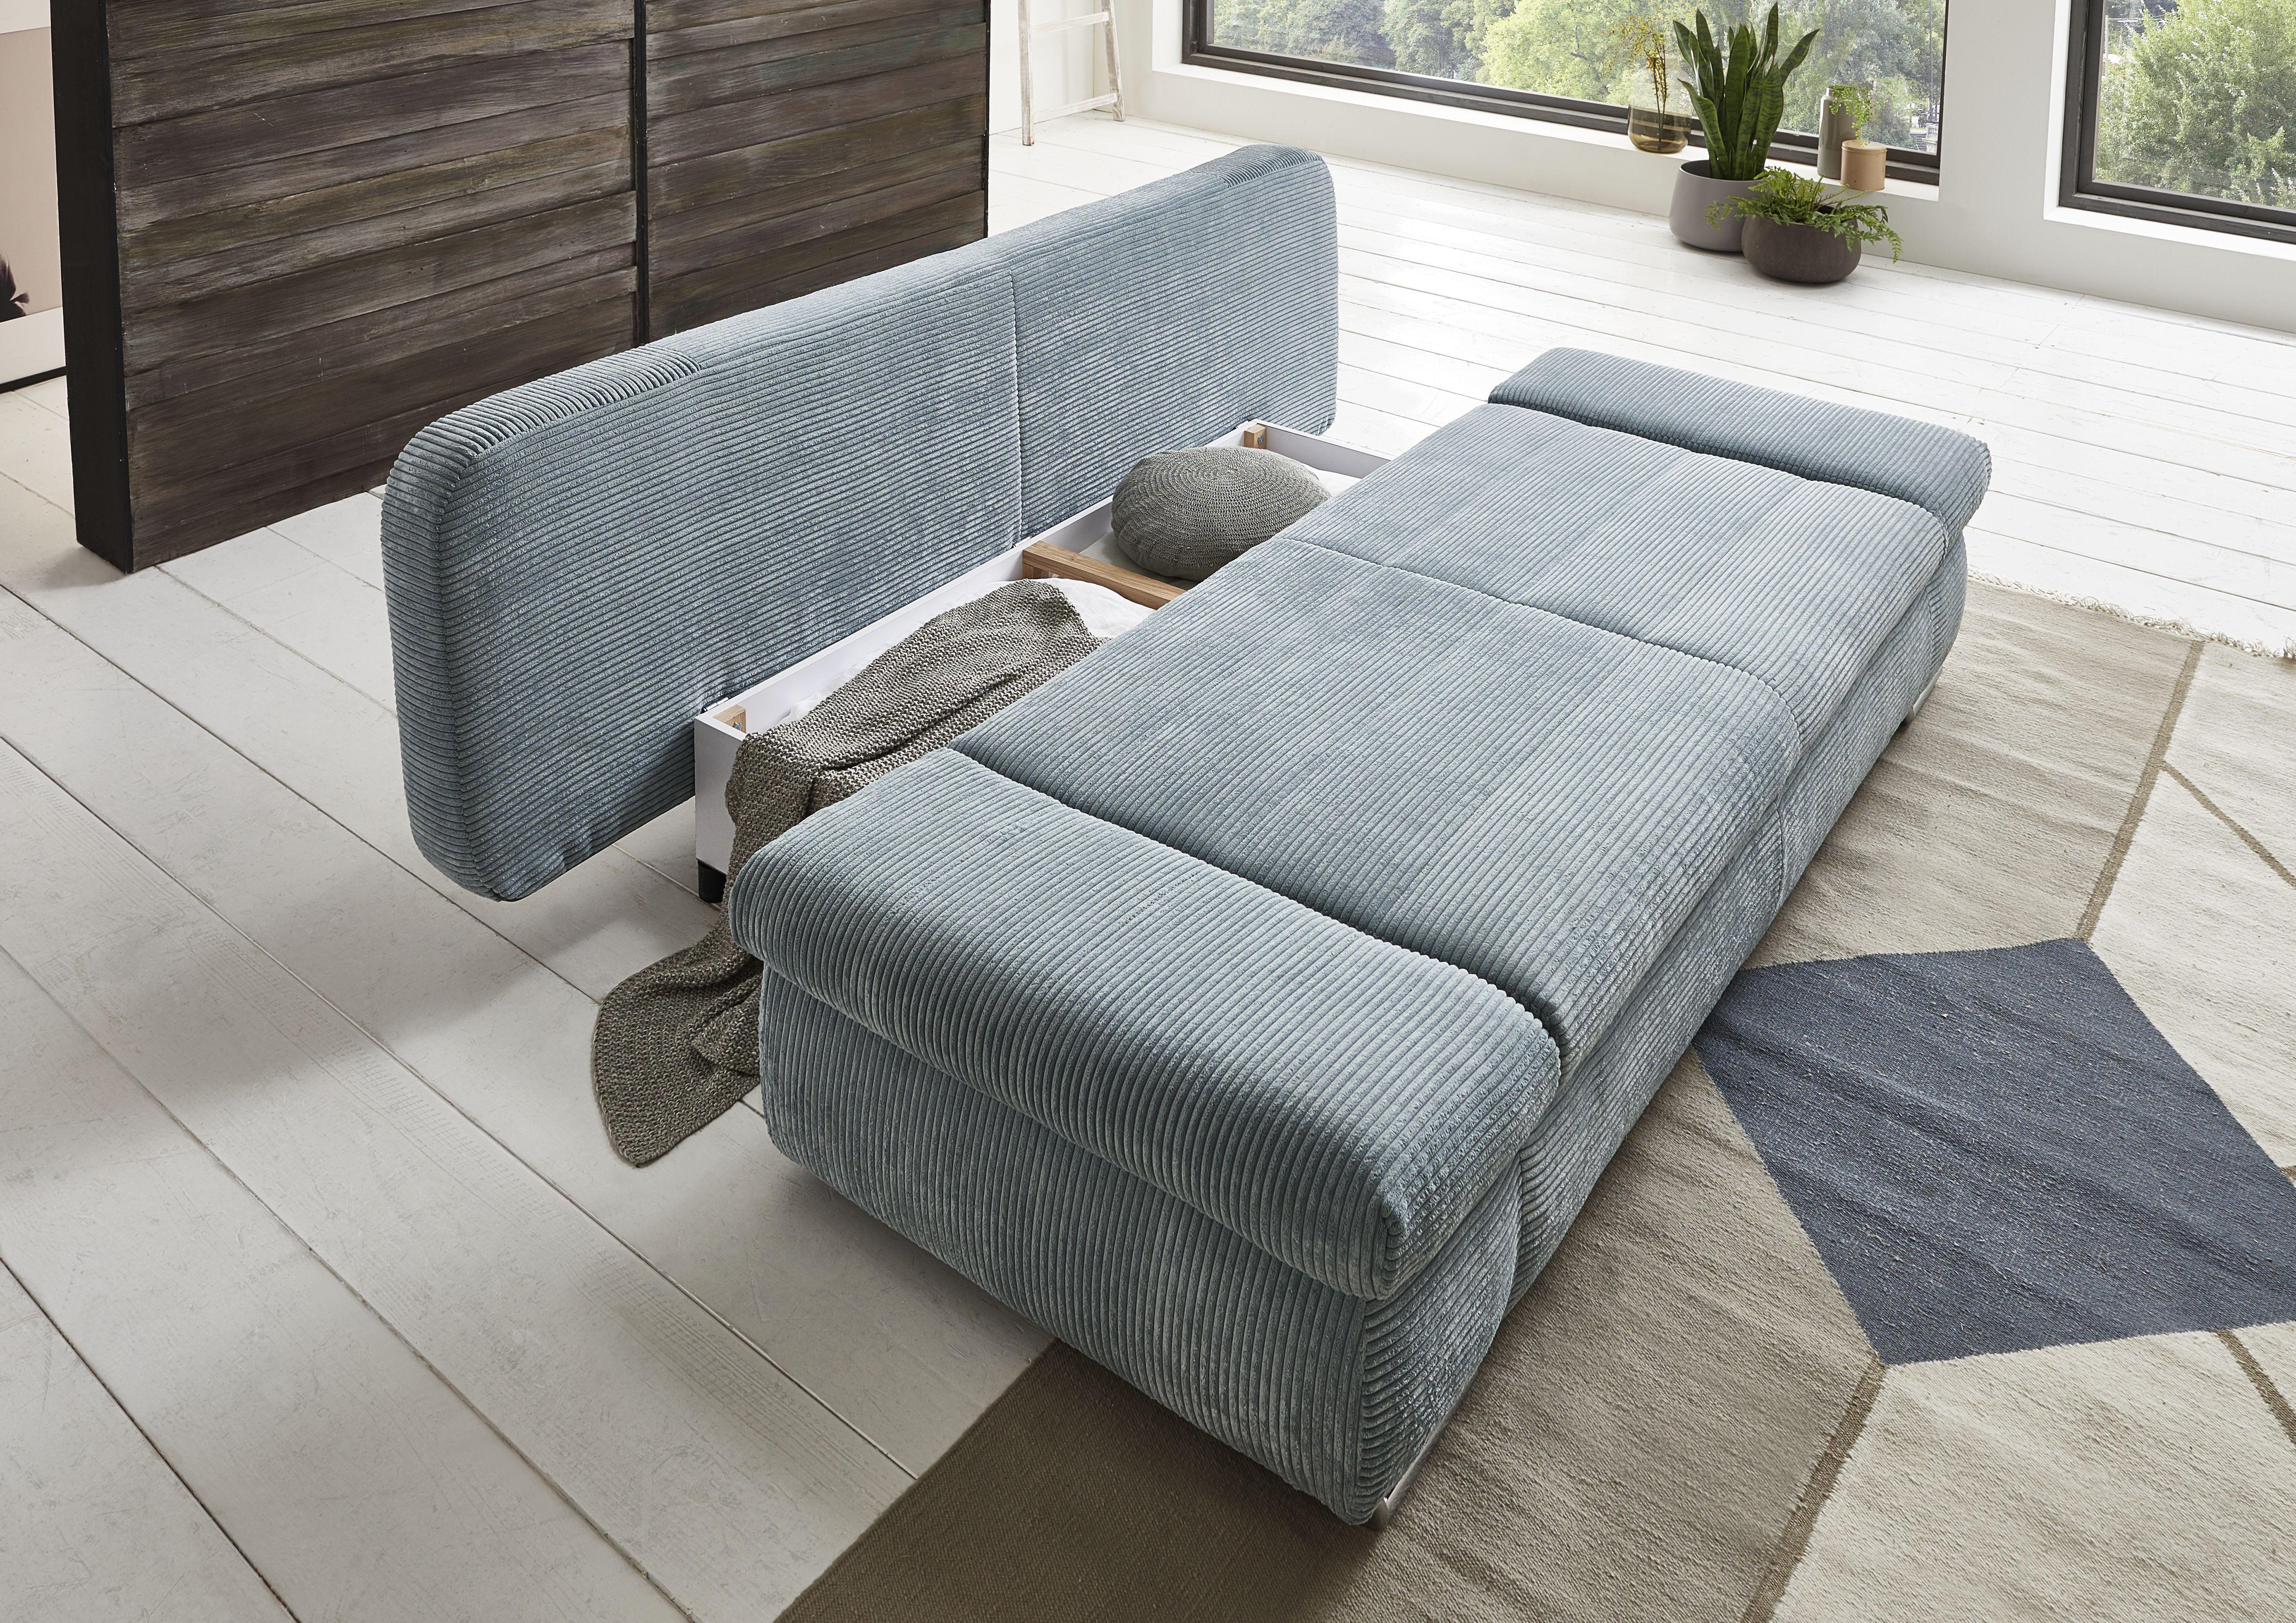 m bel haus 24 wohnzimmer big sofa joe m belhaus 24 online m bel kaufen qualit t zu. Black Bedroom Furniture Sets. Home Design Ideas